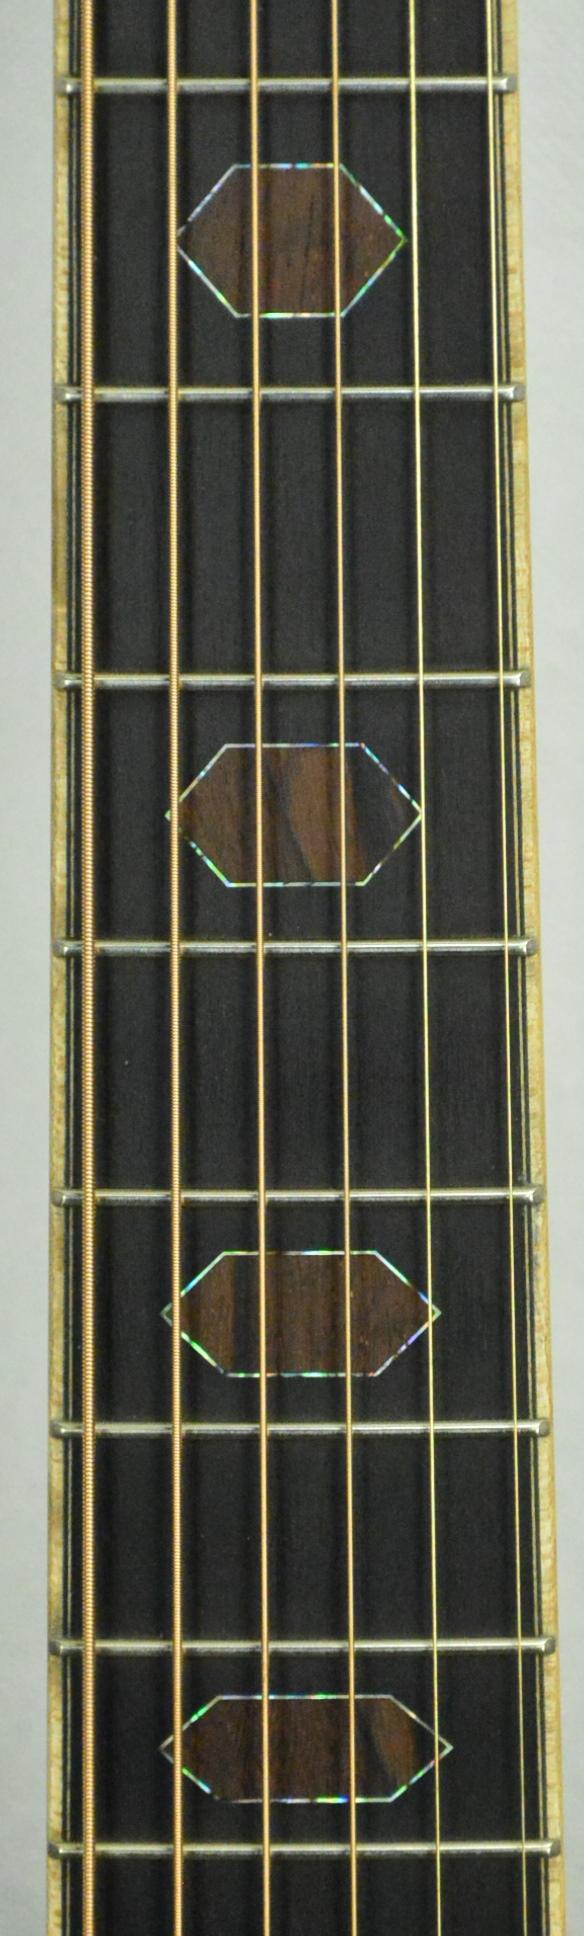 Q-2380924 S-1813251 OM HA Swiss Zircote Birdseye Binding (7).JPG